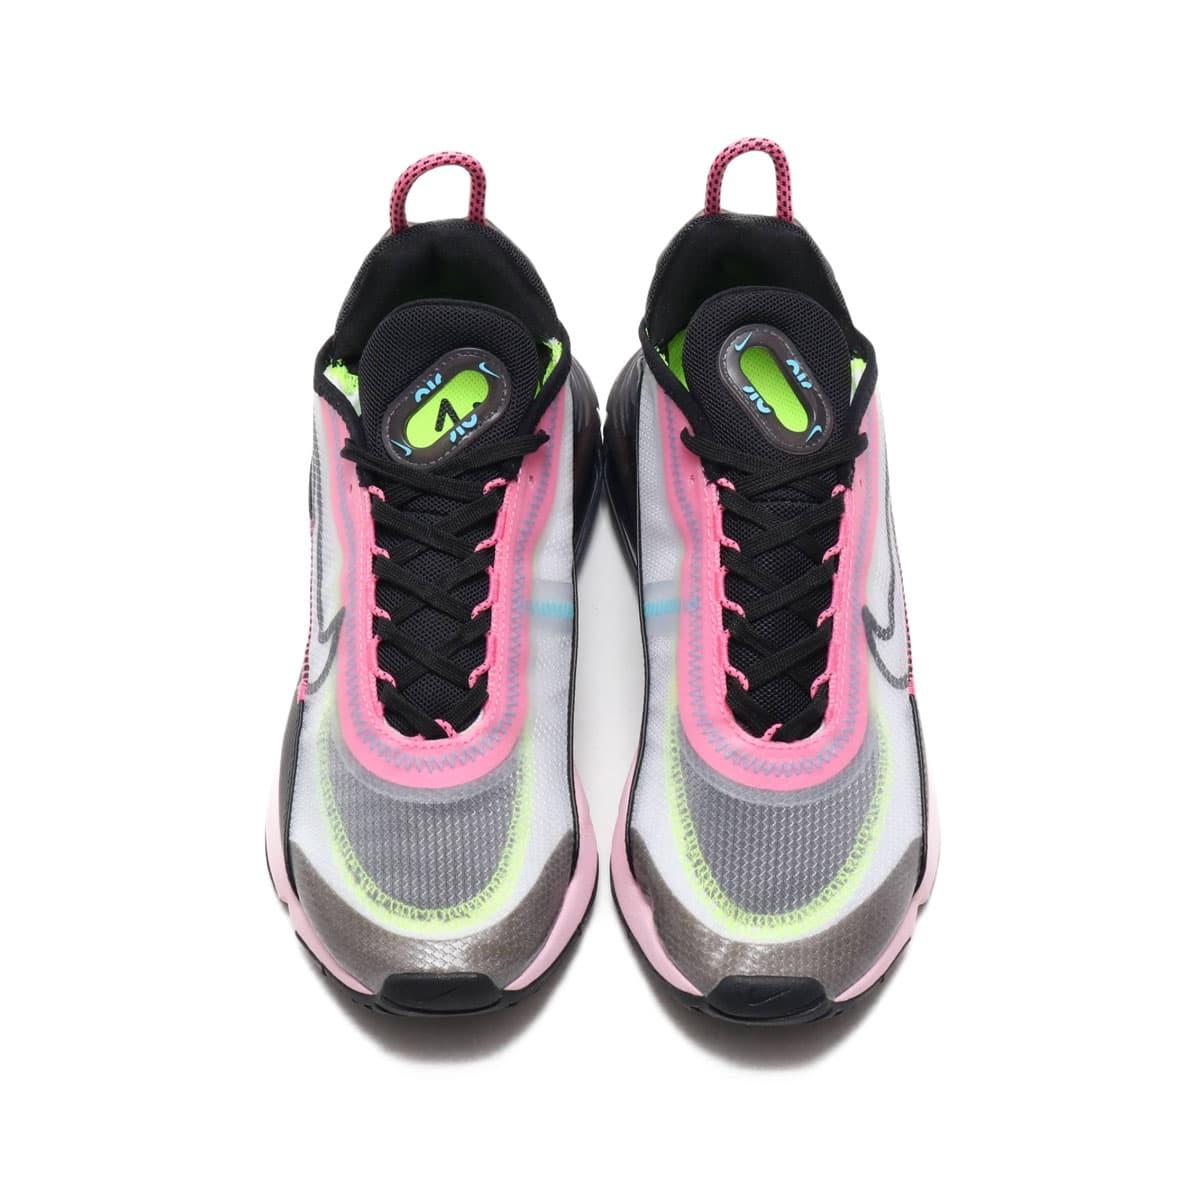 Nike Air Max 2090 White/Black-Pink Foam-Lotus Pink For